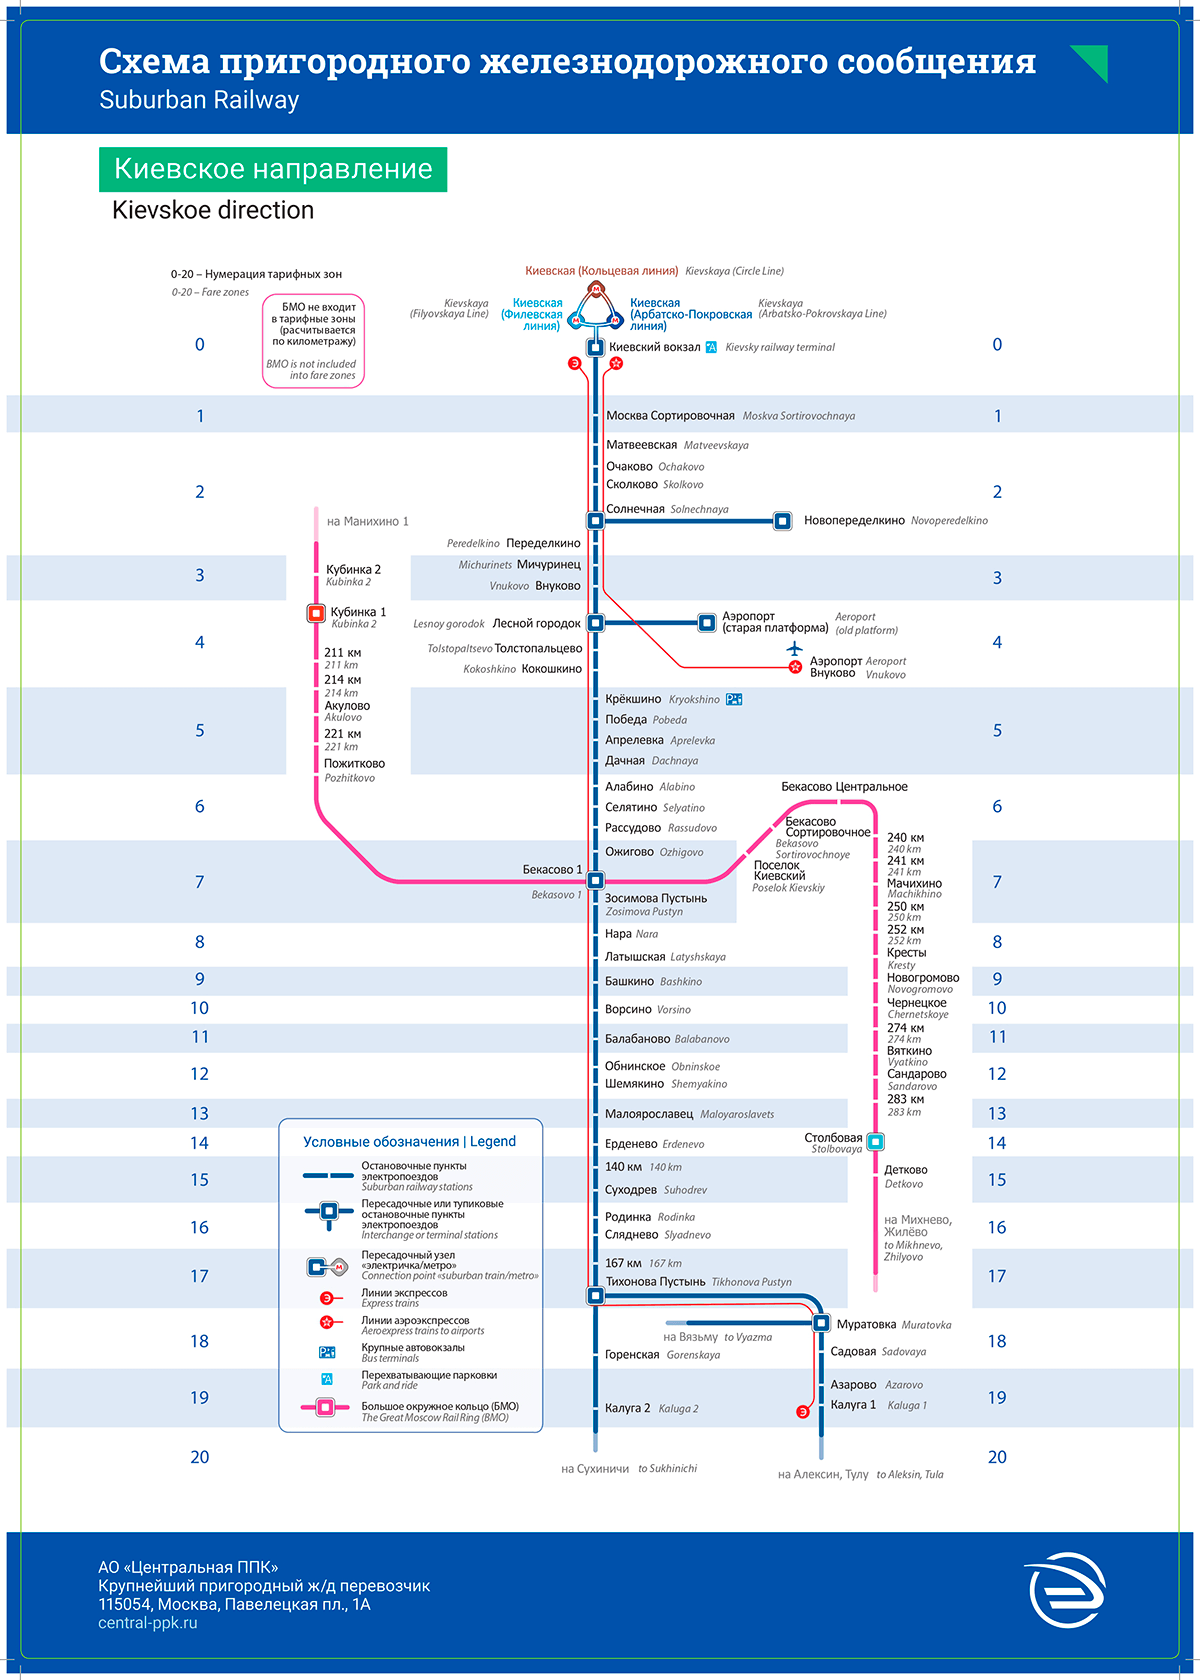 Схема движения пригородных электропоездов Киевского направления